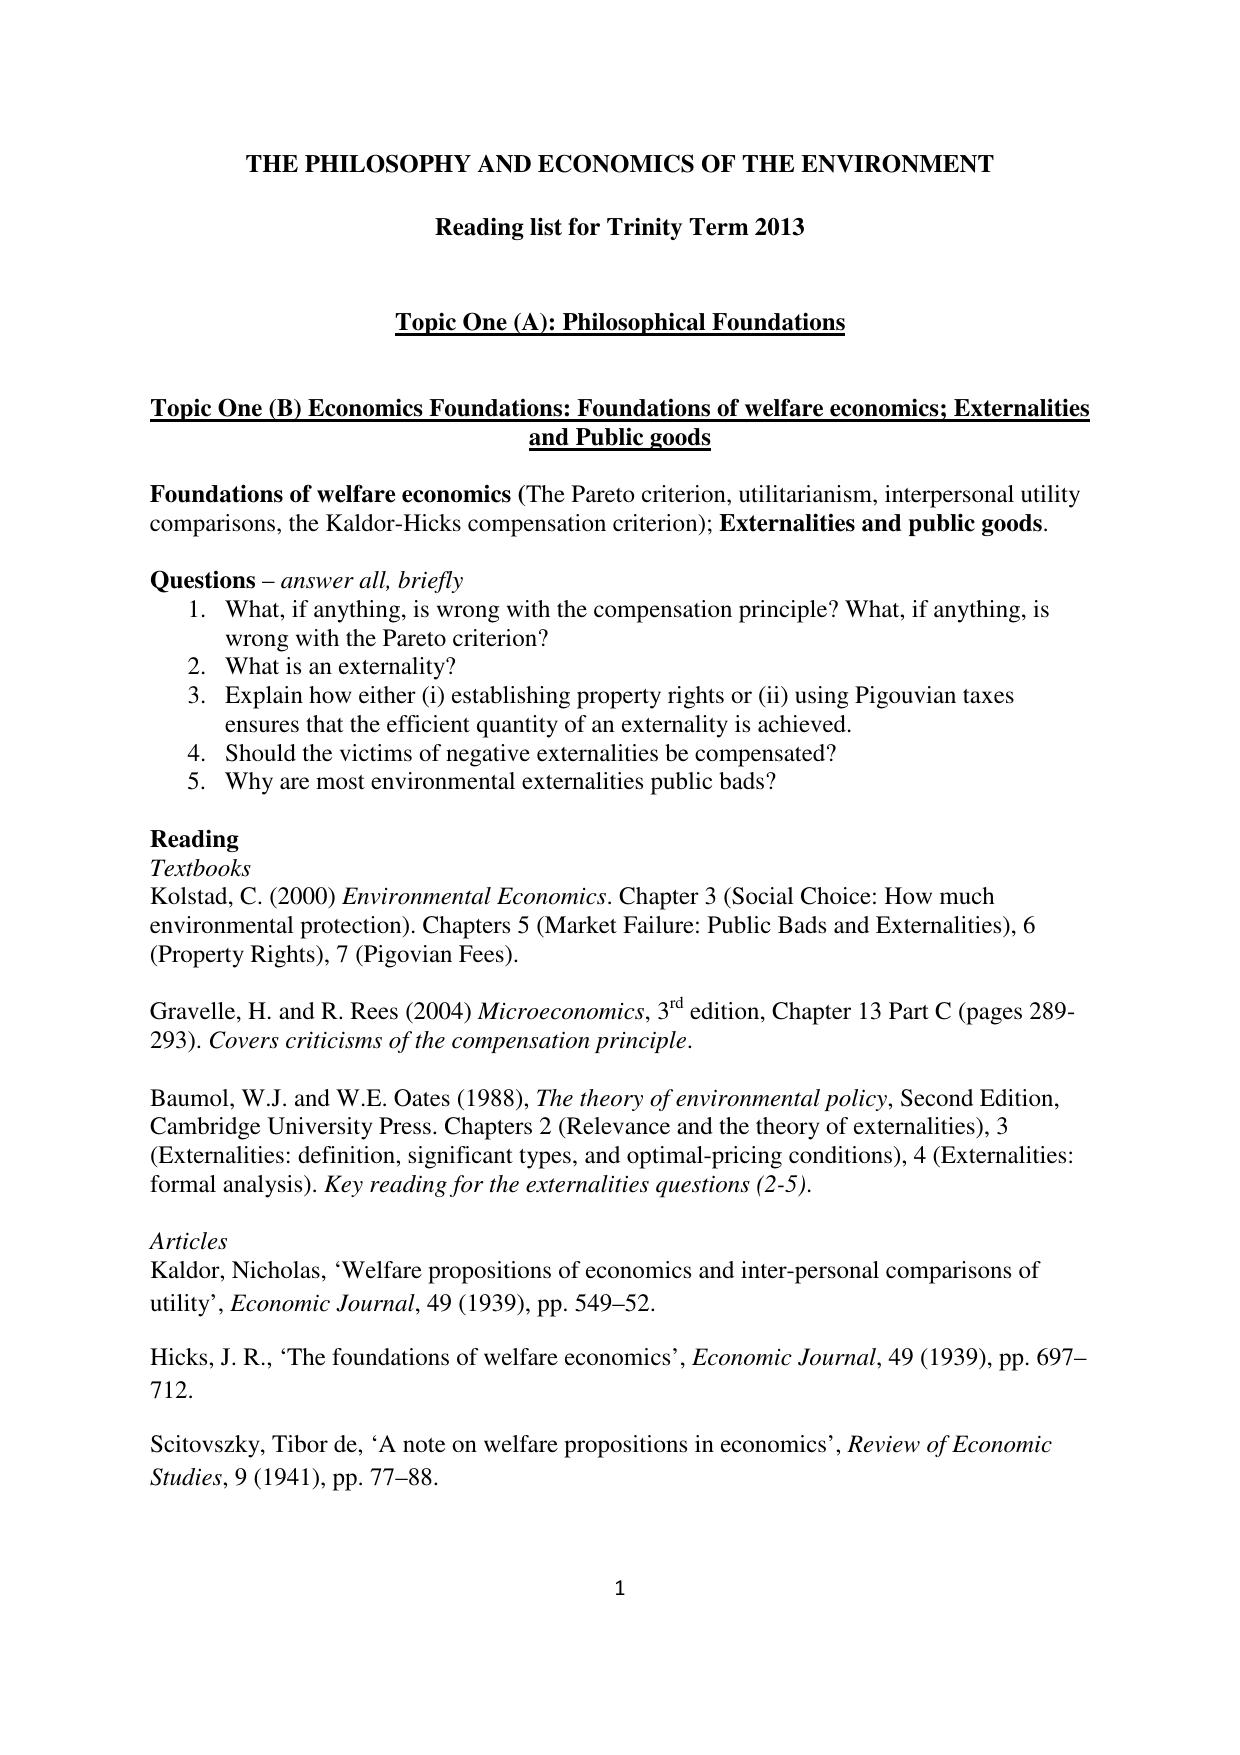 environmental economics articles 2018